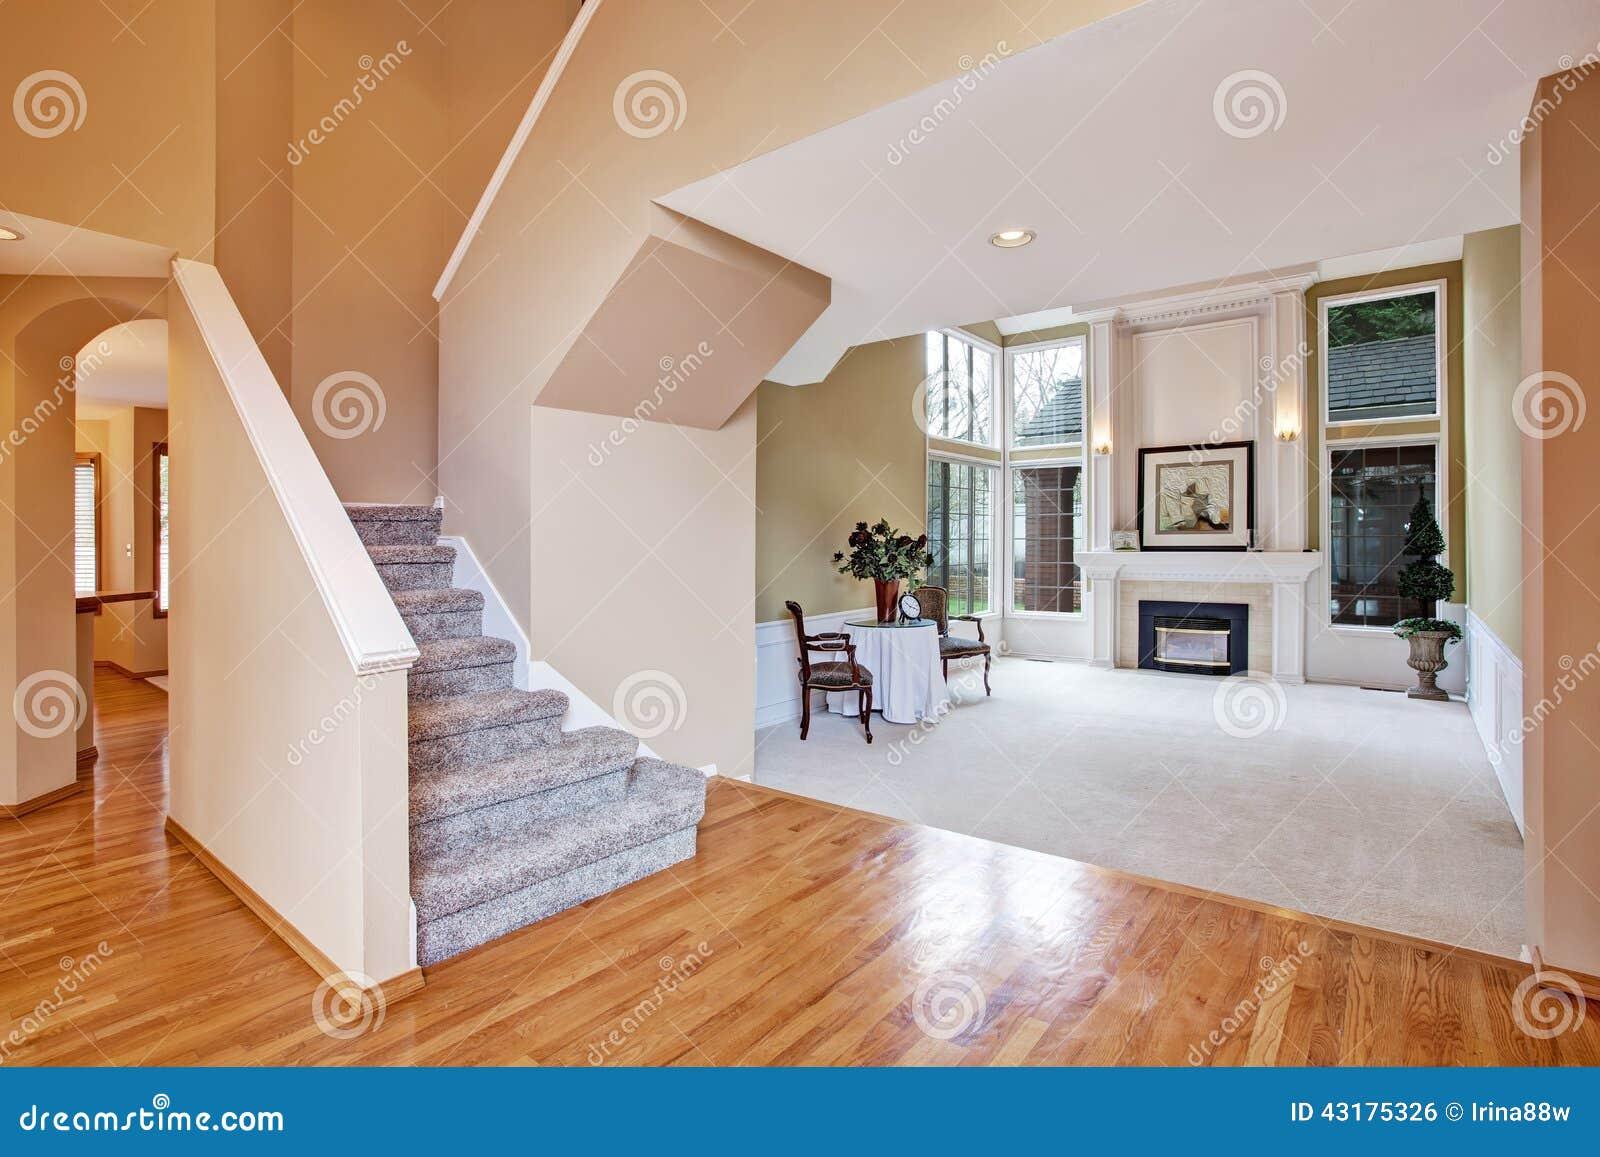 Interieur maison de luxe salon for Interieur maison de luxe